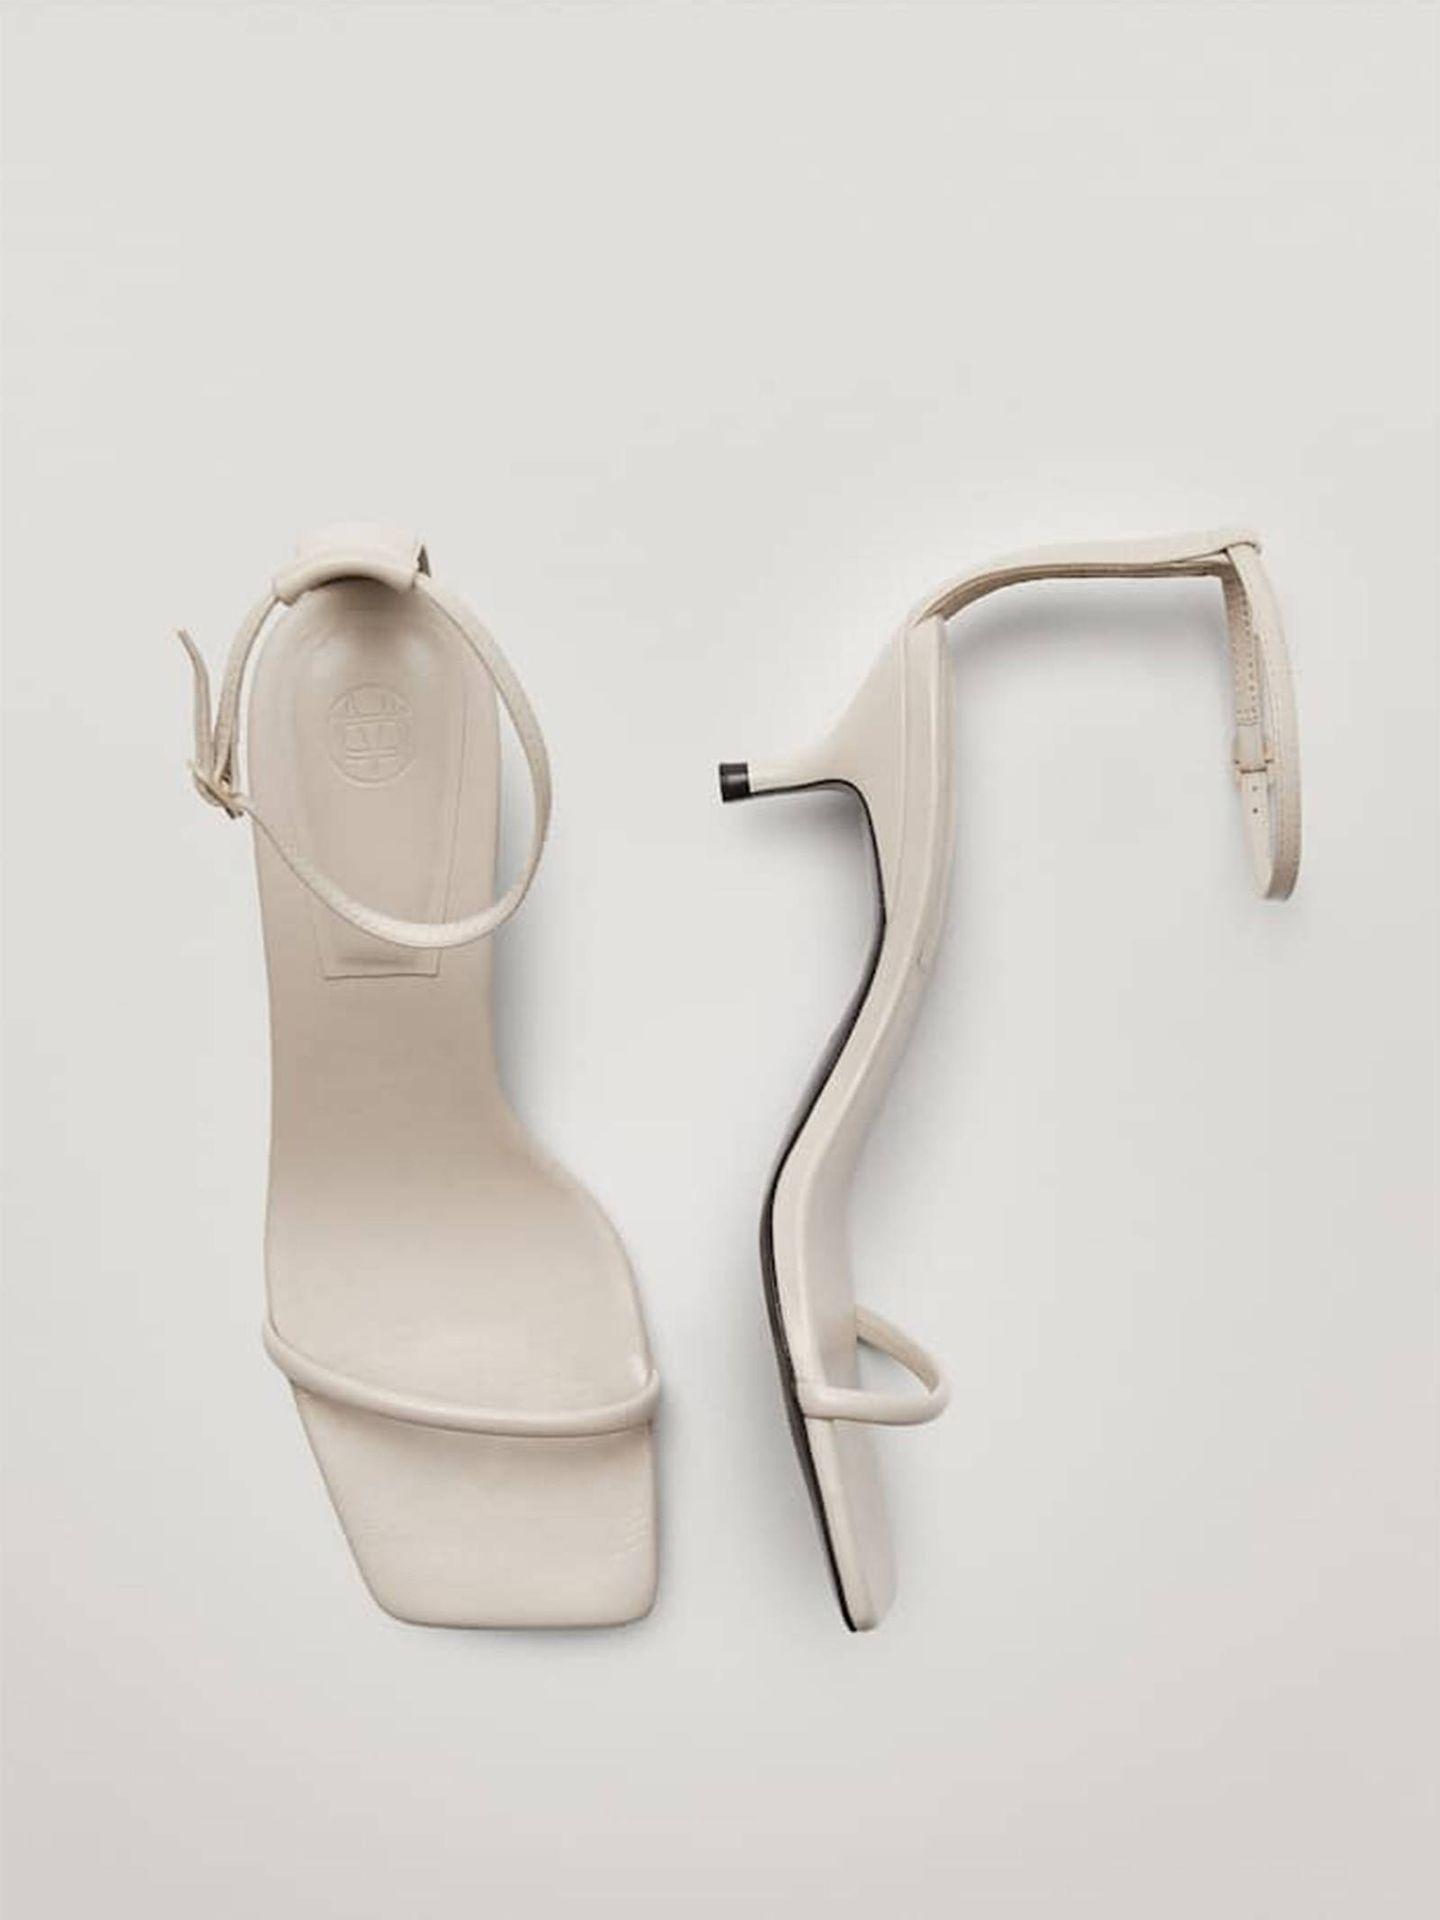 Sandalias blancas de Massimo Dutti. (Cortesía)